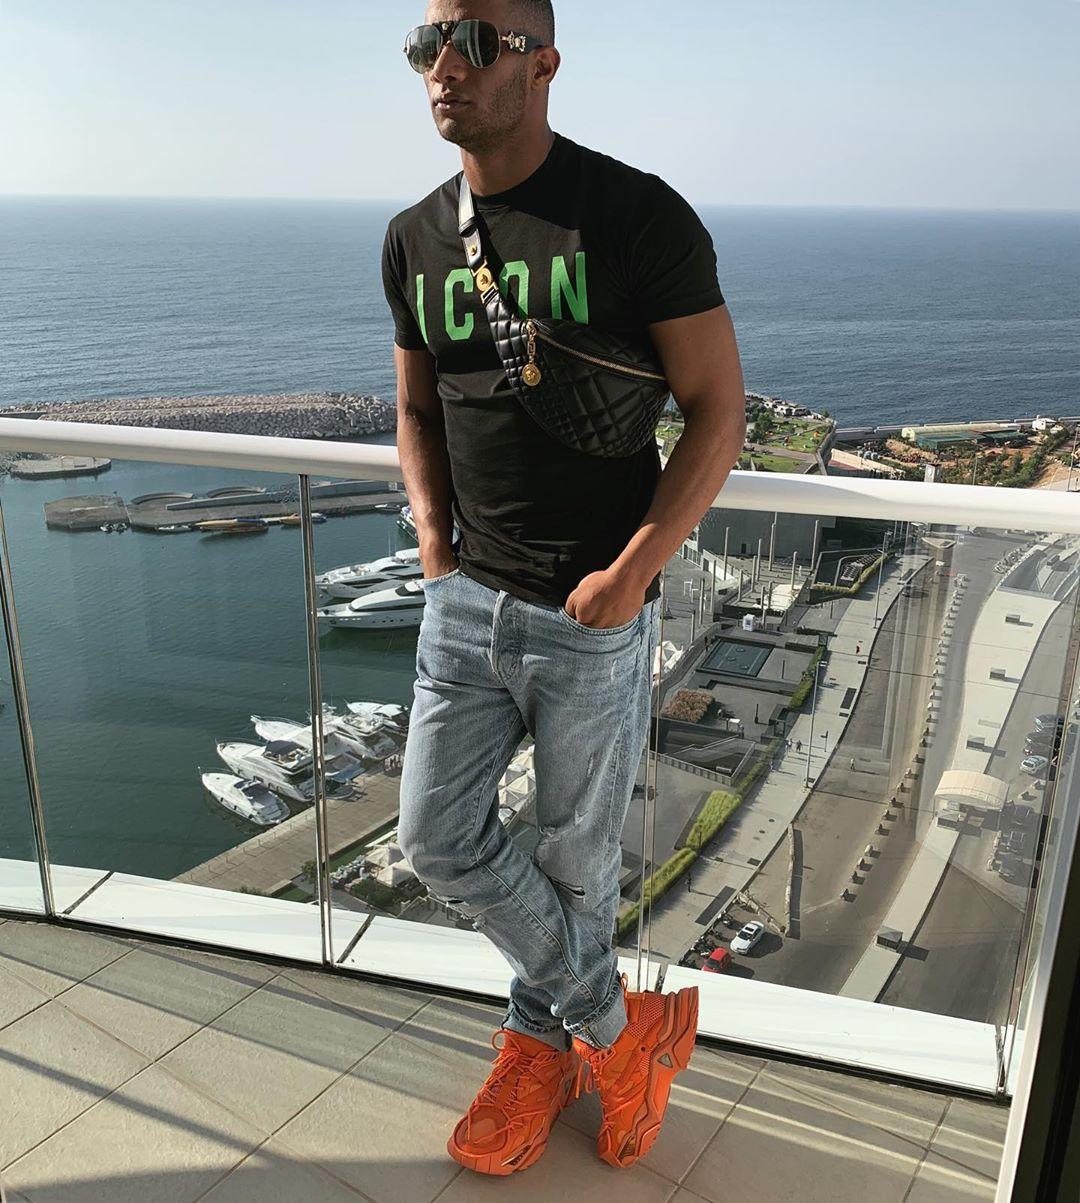 إطلالة شبابية اختار فيها محمد رمضان حذاء باللون البرتقالي